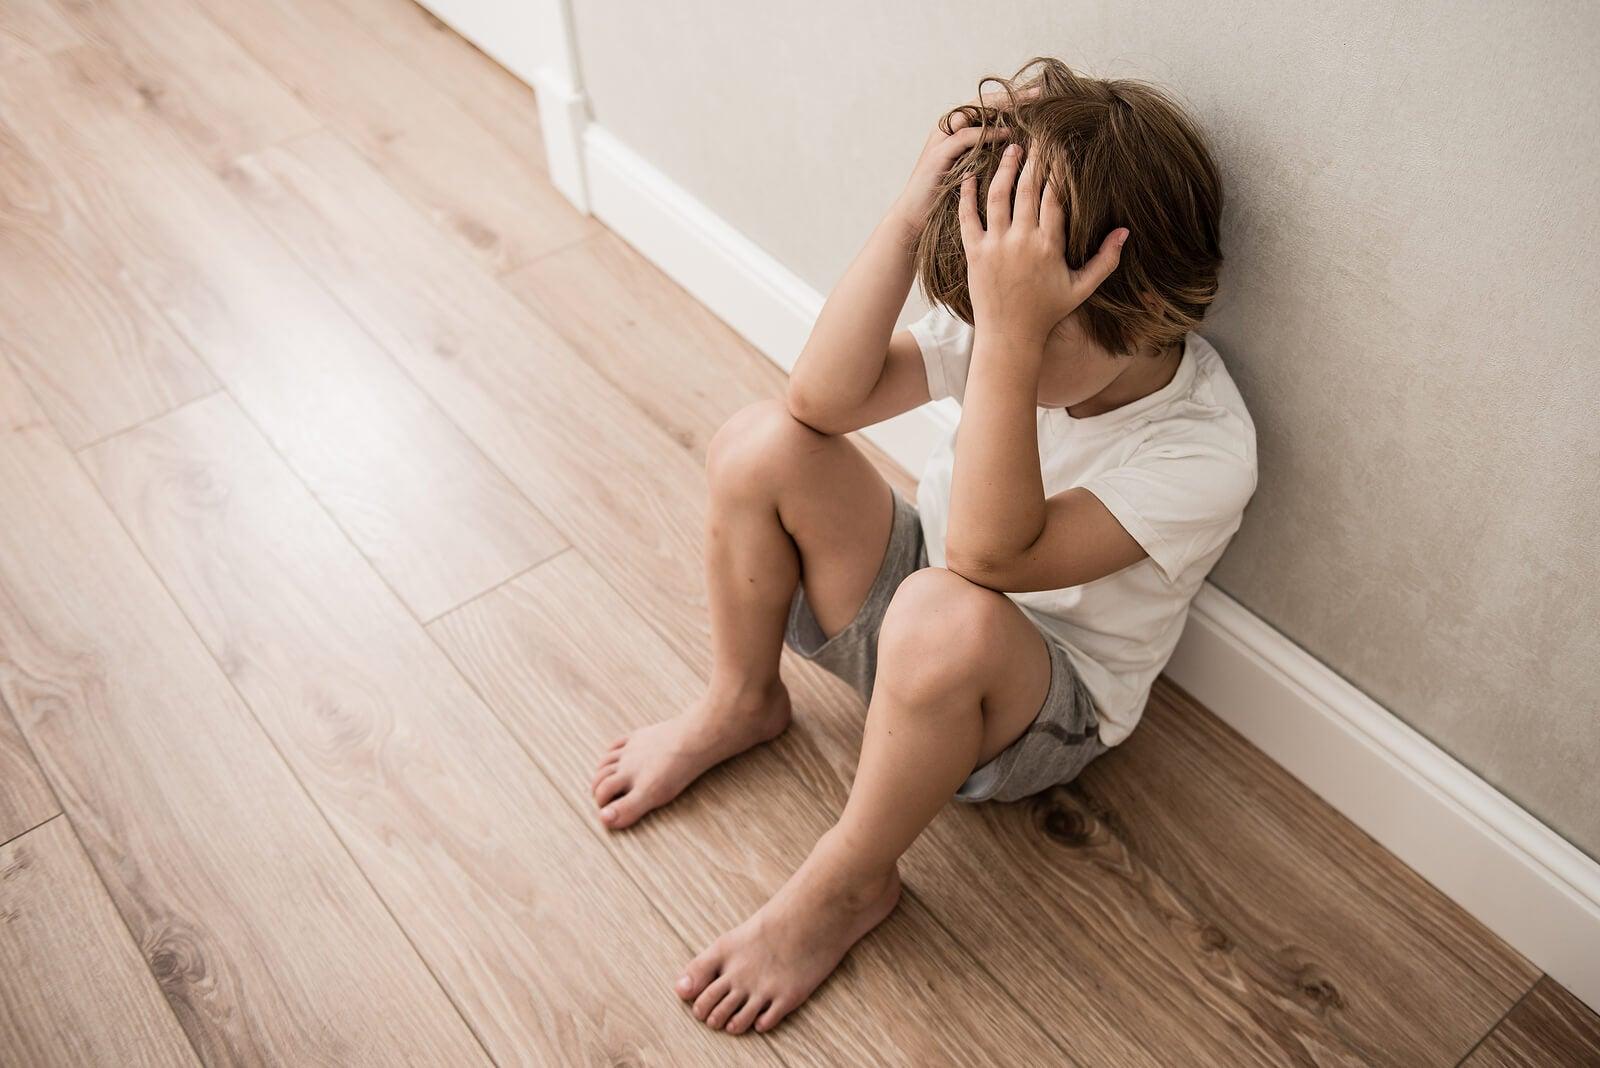 Cómo ayudar a un niño que sufre violencia familiar